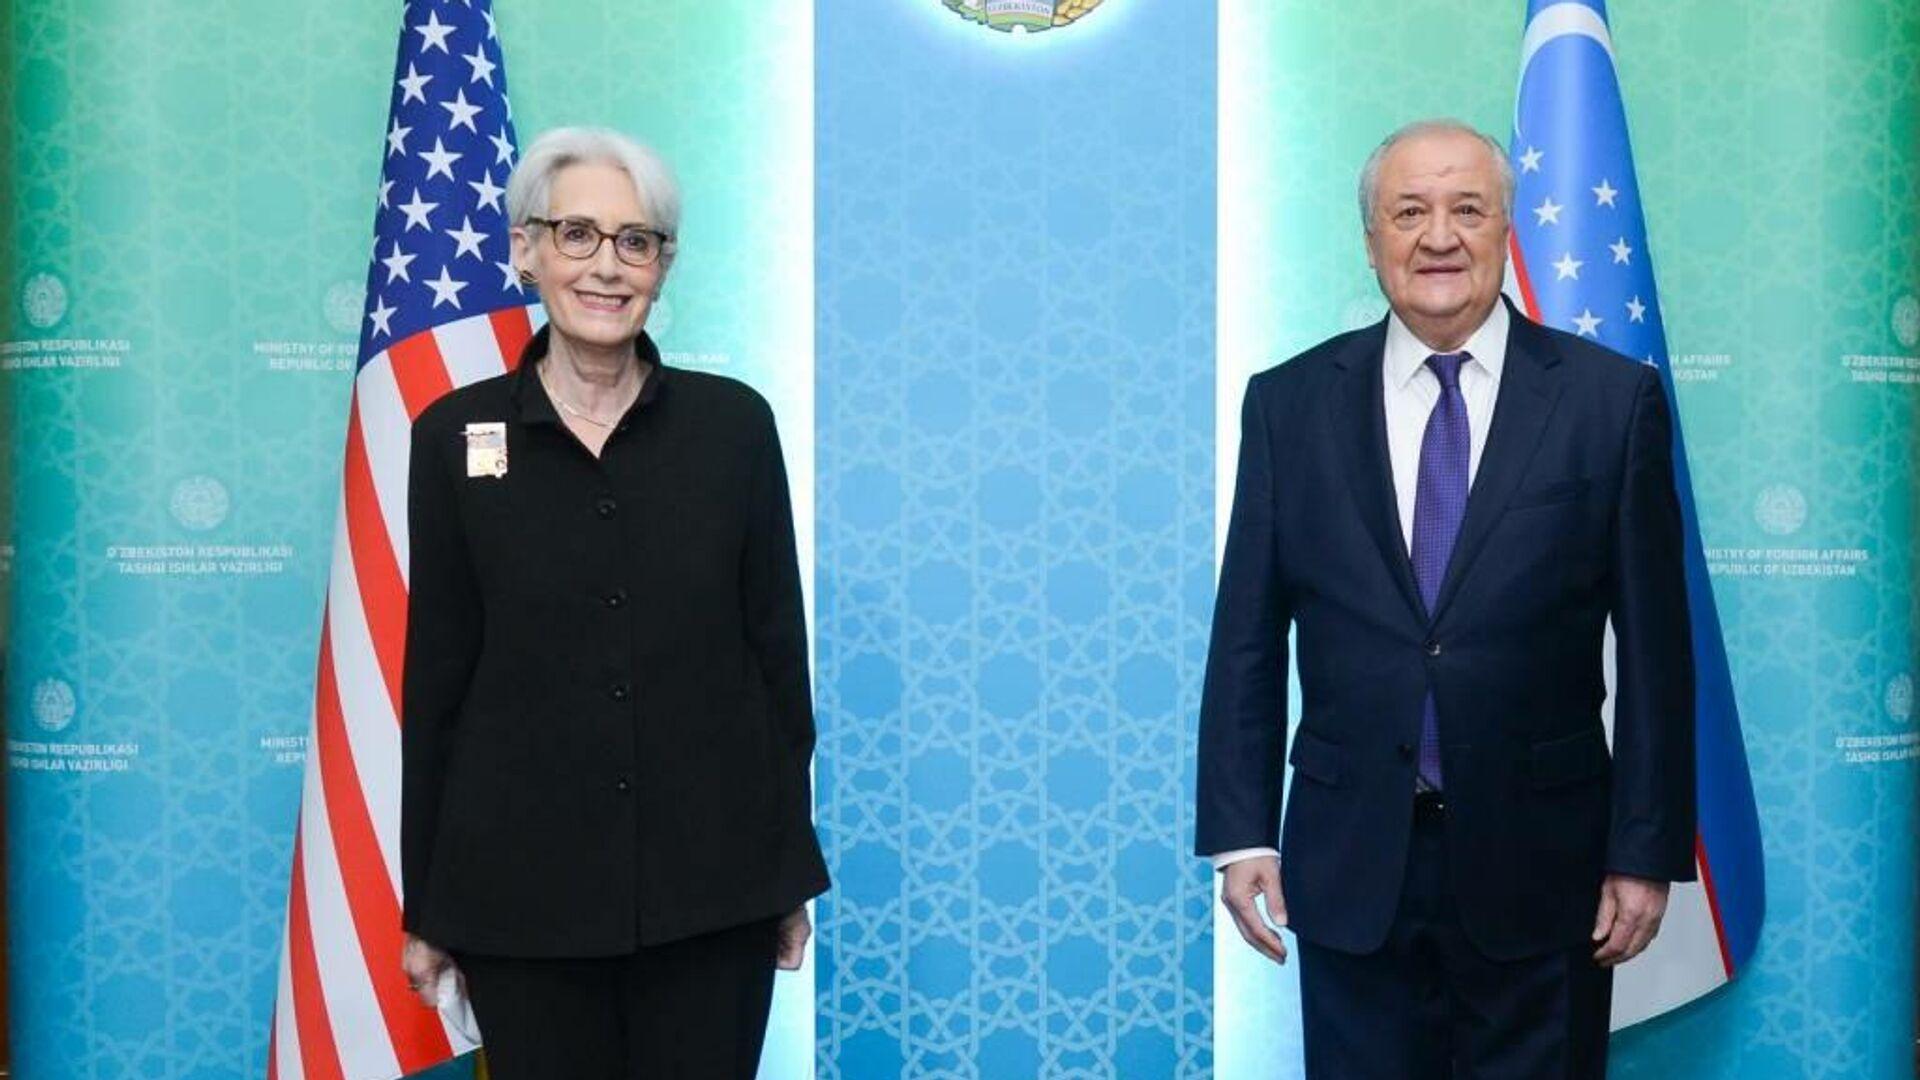 Министр иностранных дел Узбекистана Абдулазиз Камилов провел встречу с первым заместителем госсекретаря США Уэнди Шерман - Sputnik Узбекистан, 1920, 03.10.2021